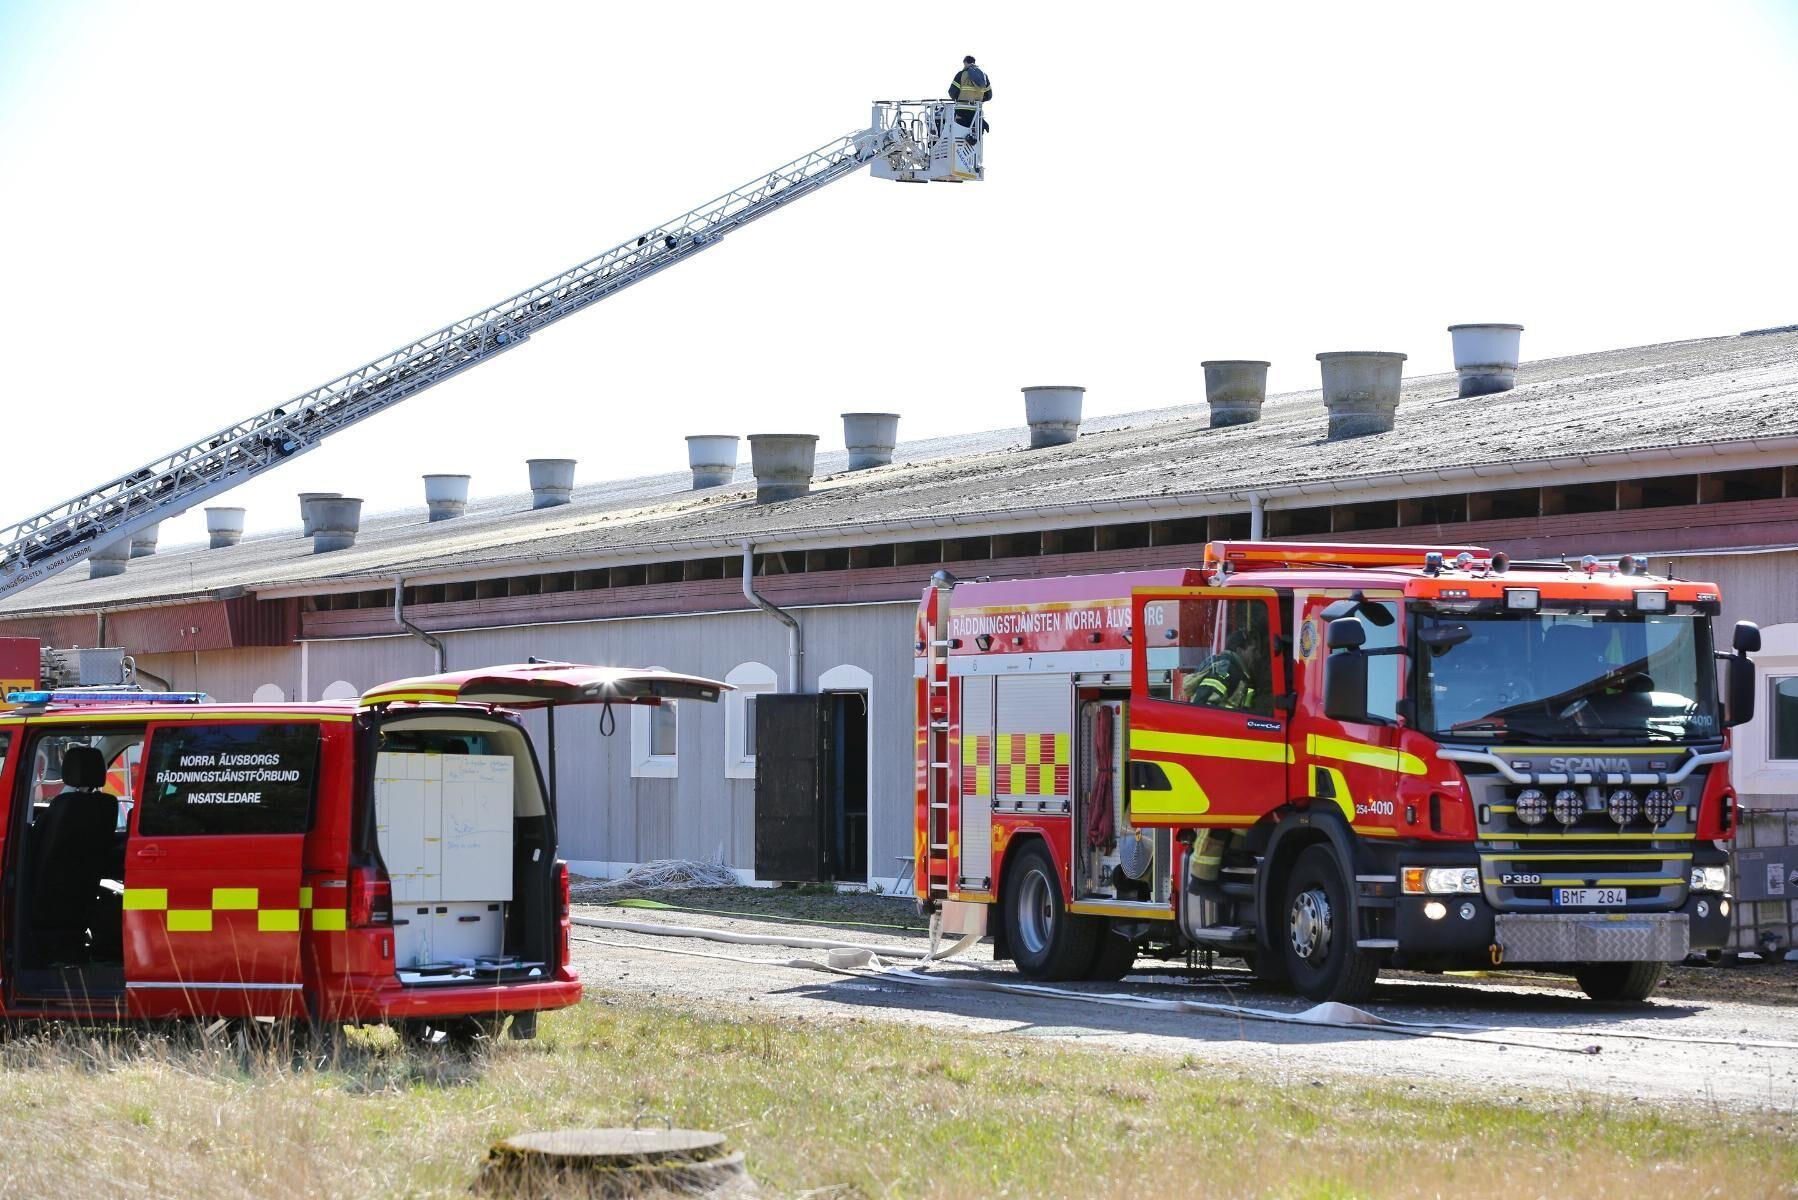 Räddningsstyrkor från flera enheter var på plats för att bekämpa branden.